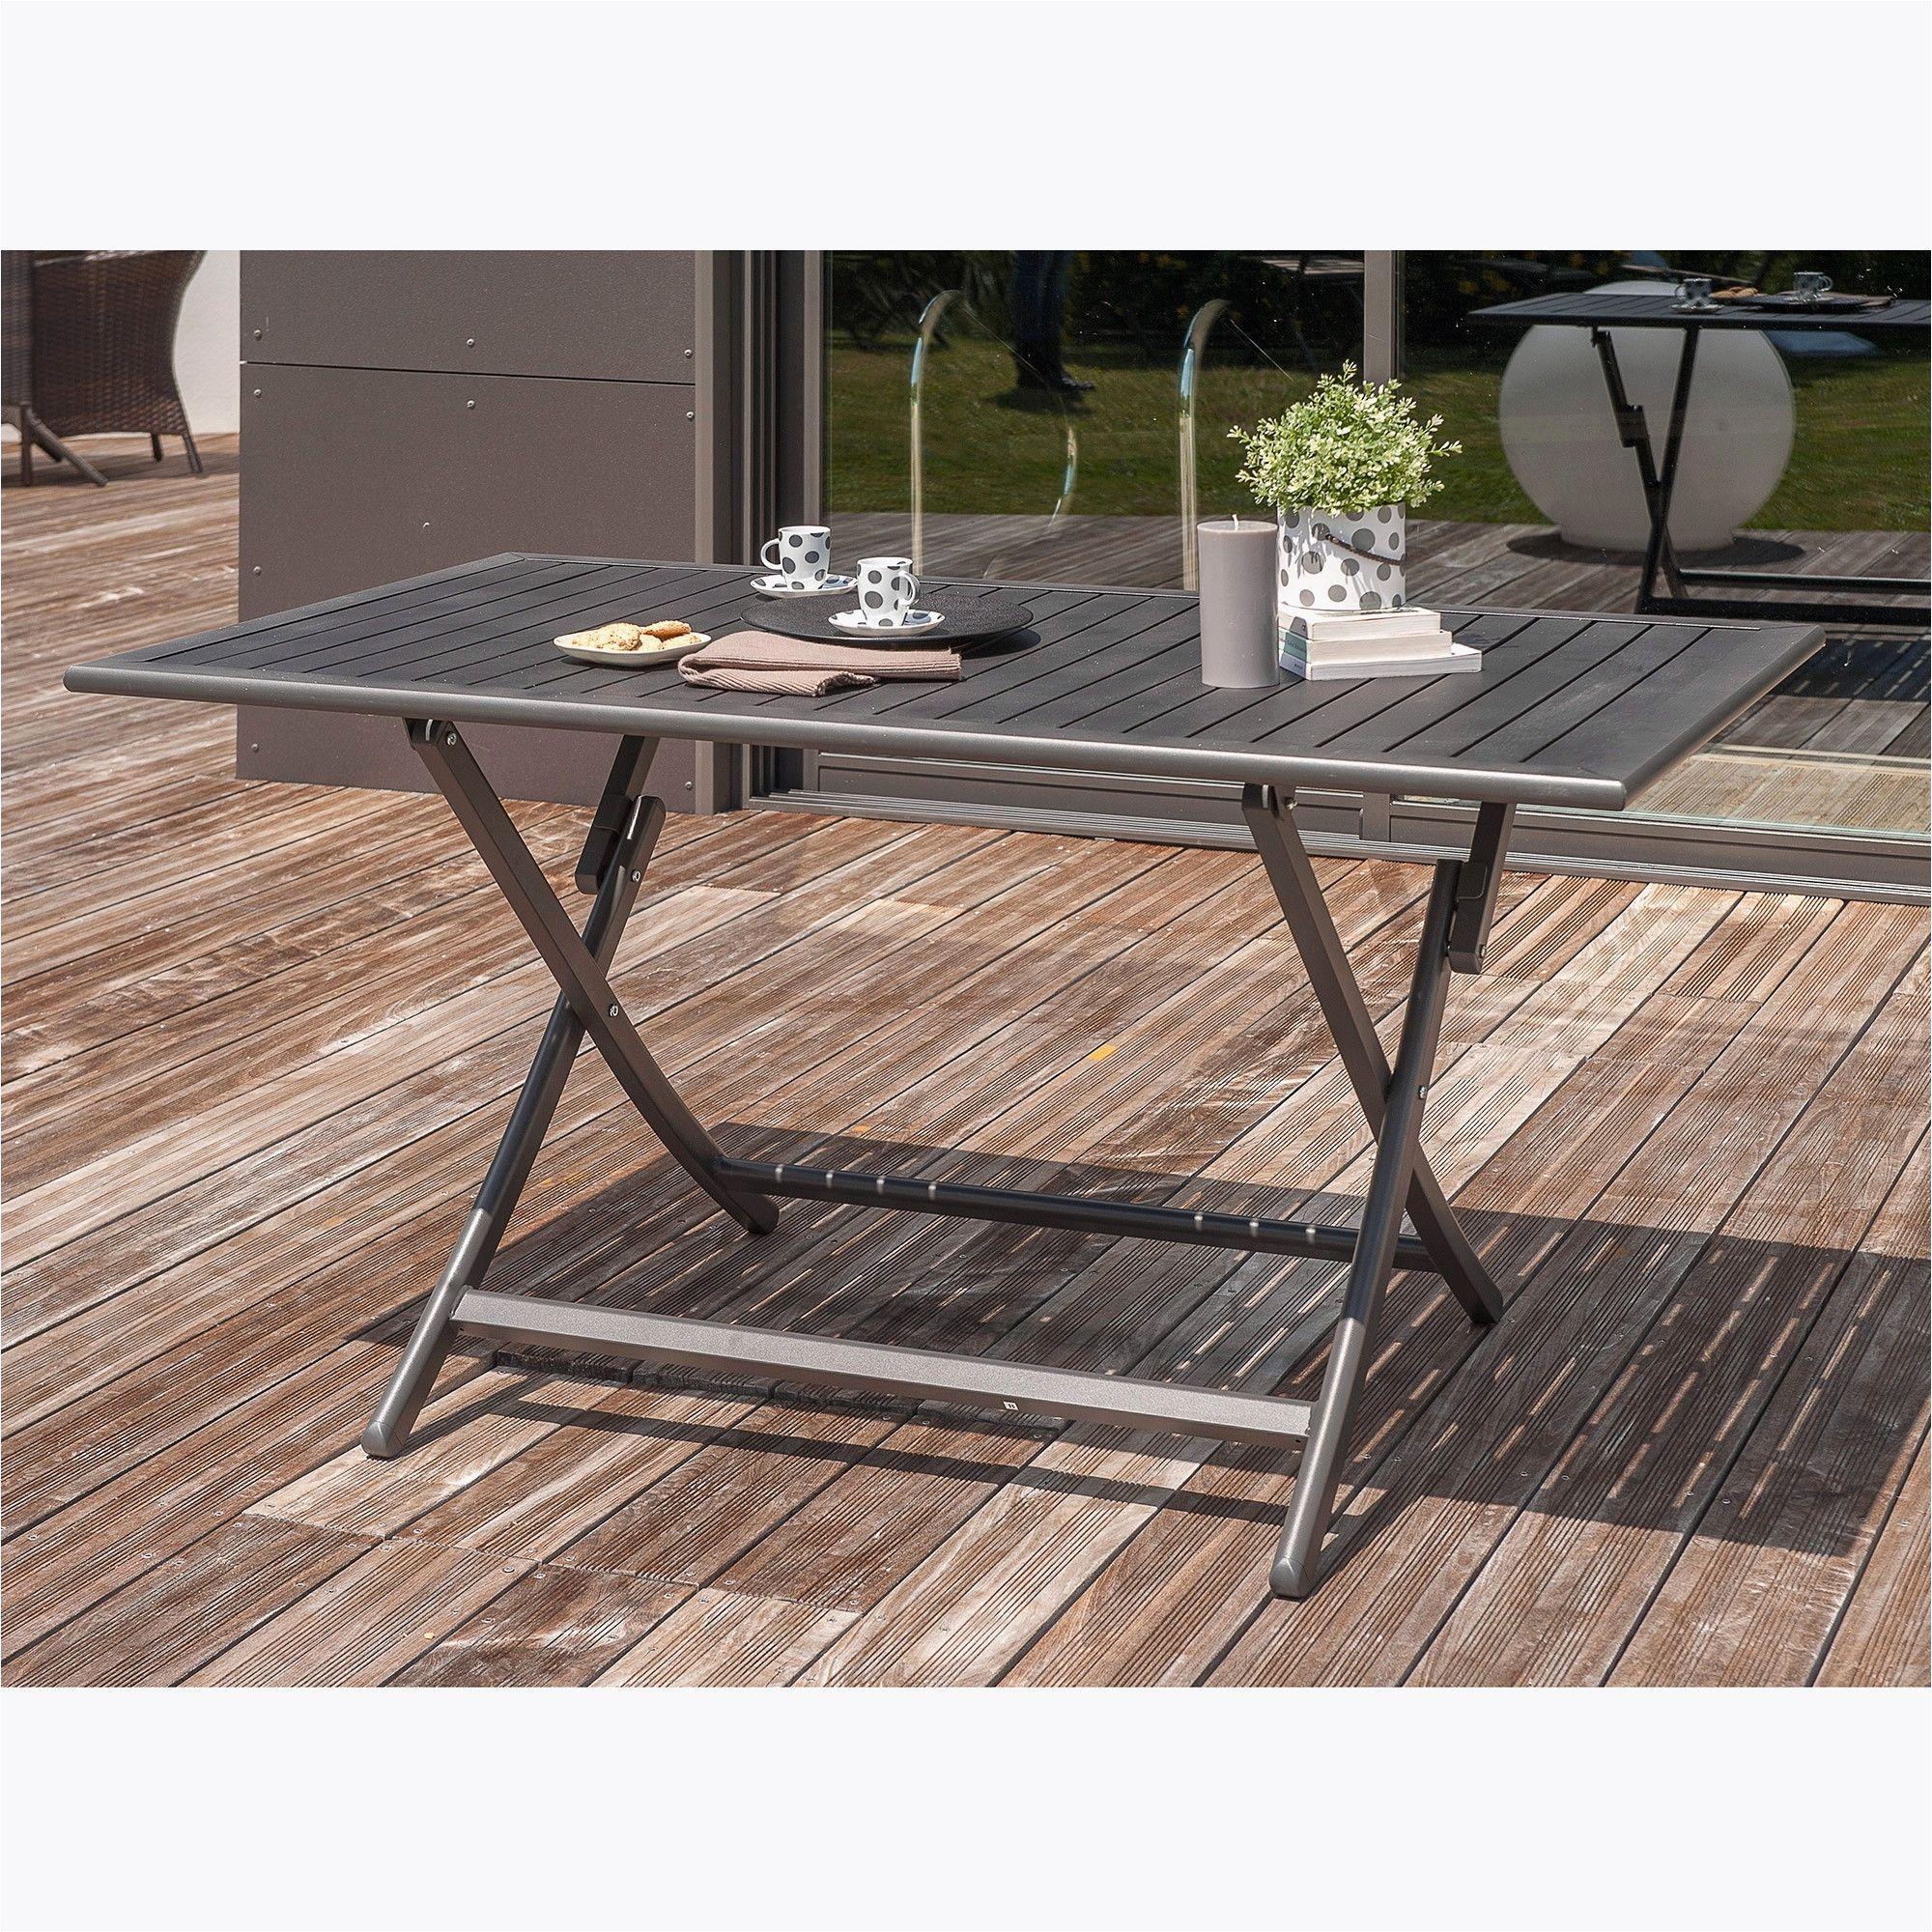 Table Pliante Leclerc Beau S Leclerc Table De Jardin ... avec Table Jardin Ikea Occasion